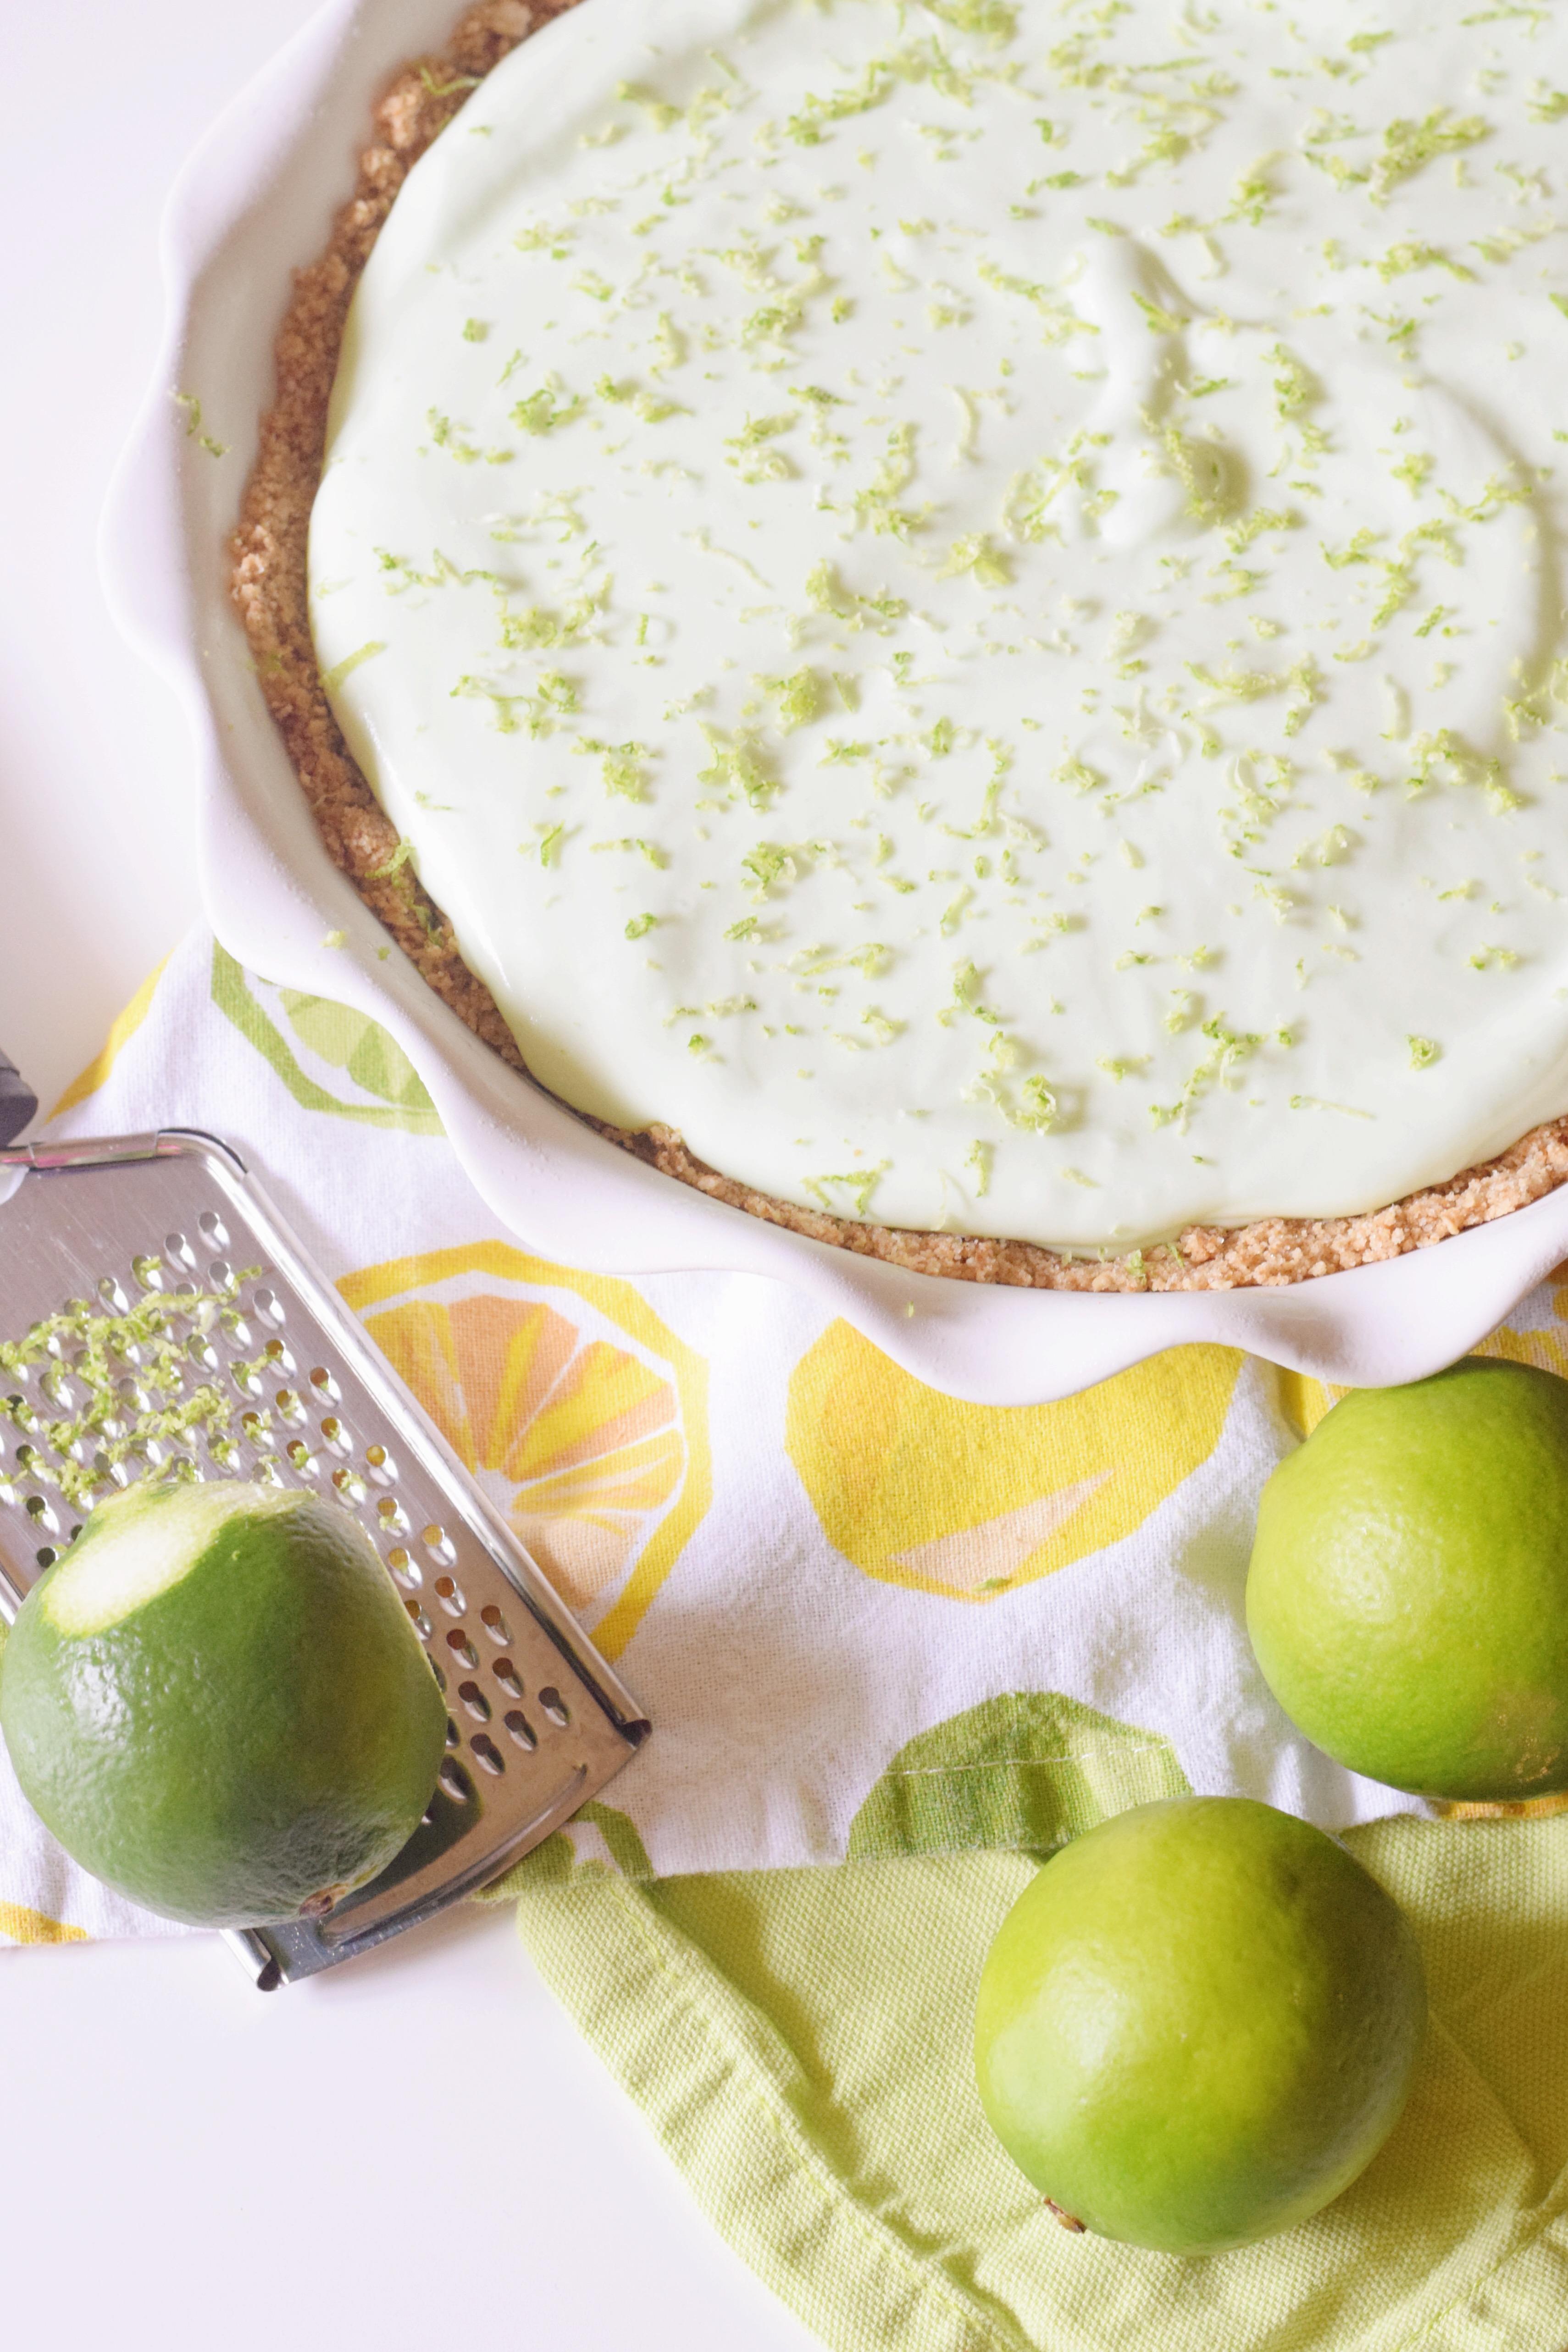 No Bake Margarita Pie - Pretzel Crust - Gluten Free - Dairy Free - Frozen Dessert - Summer Dessert - Margarita Dessert Recipe - Easy Summer Dessert - Summer Dessert For A Party - Frozen Dessert